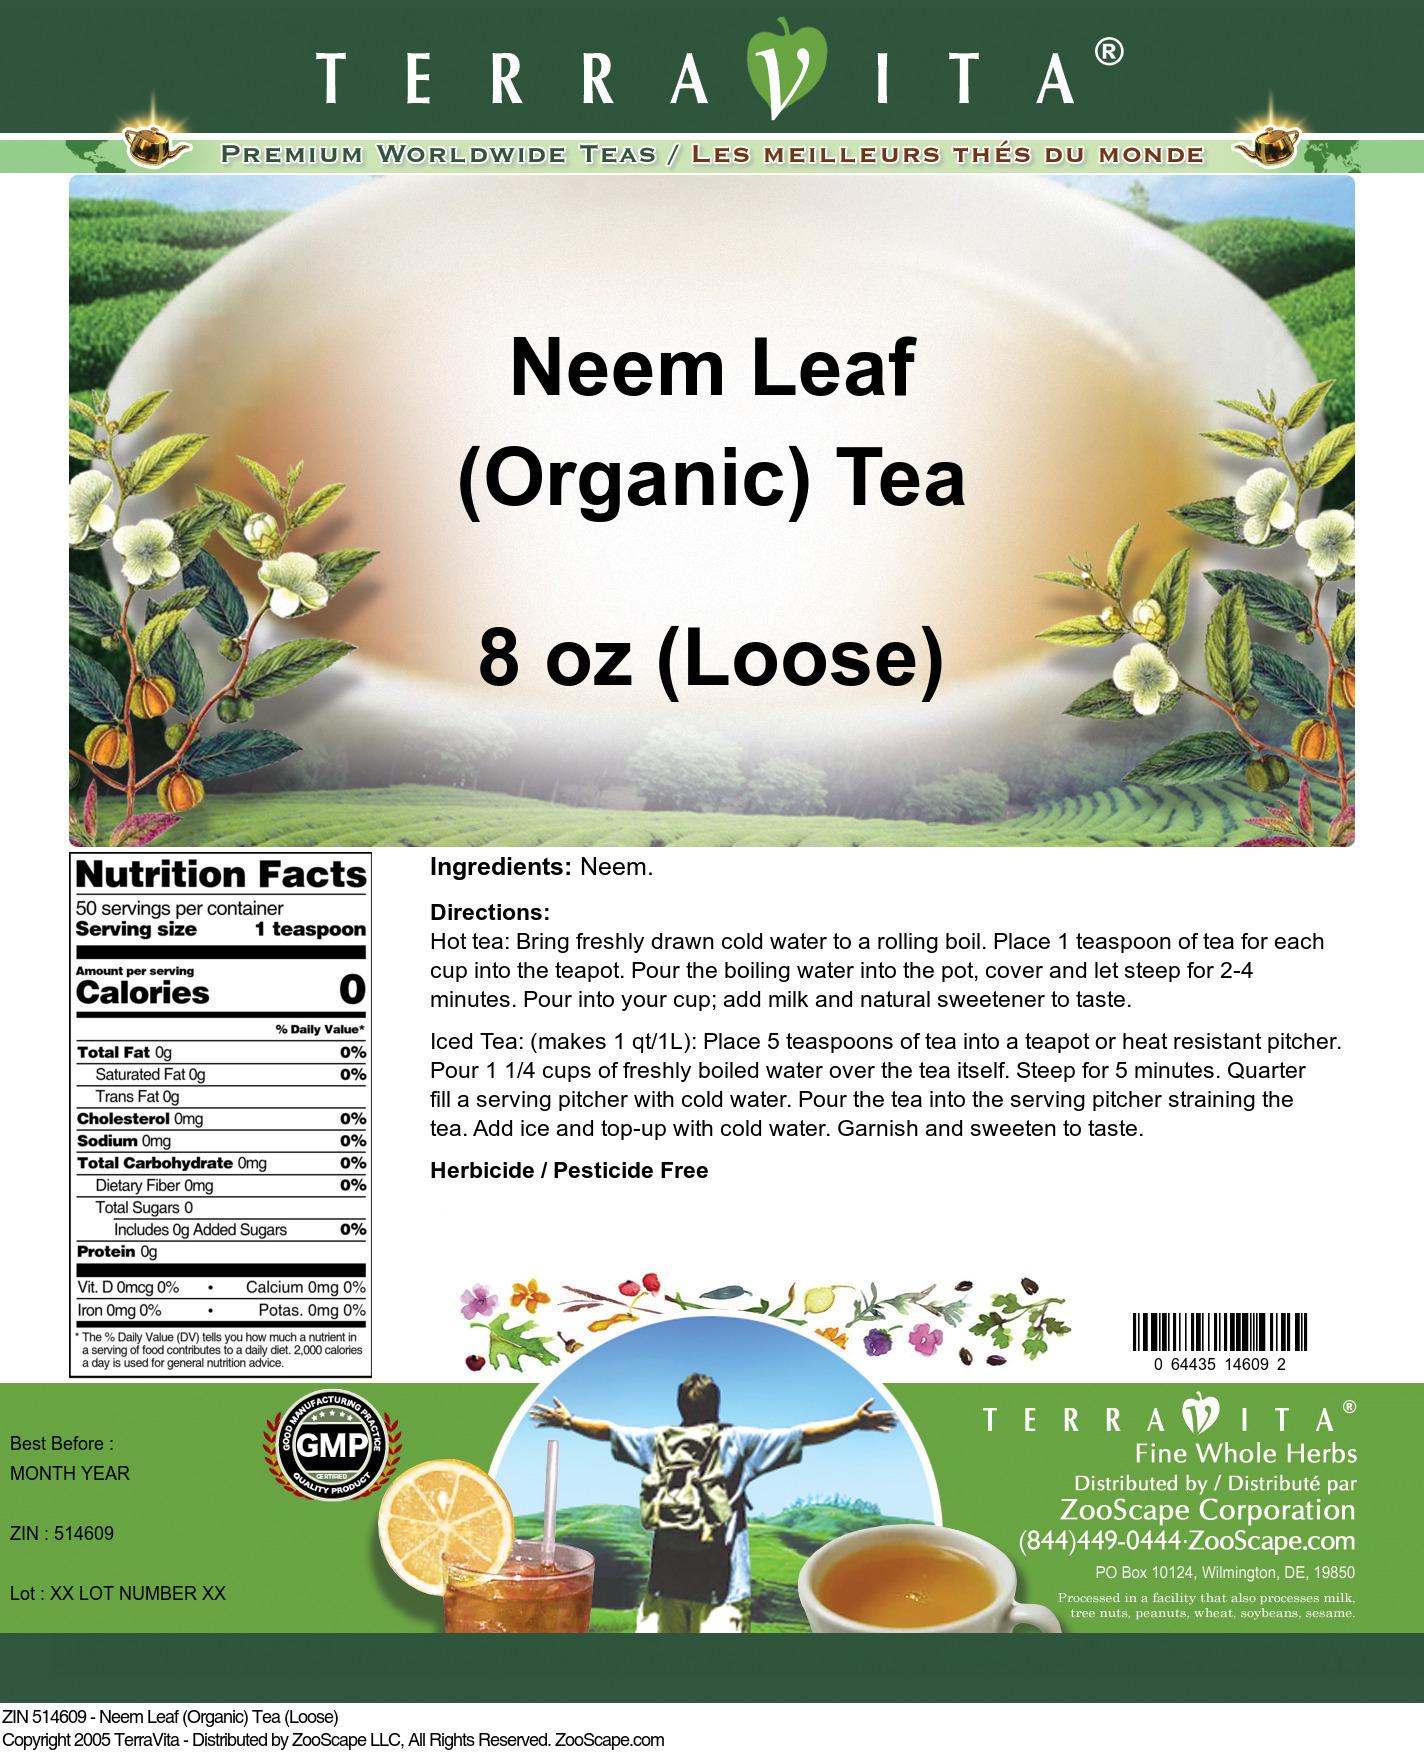 Neem Leaf (Organic) Tea (Loose)